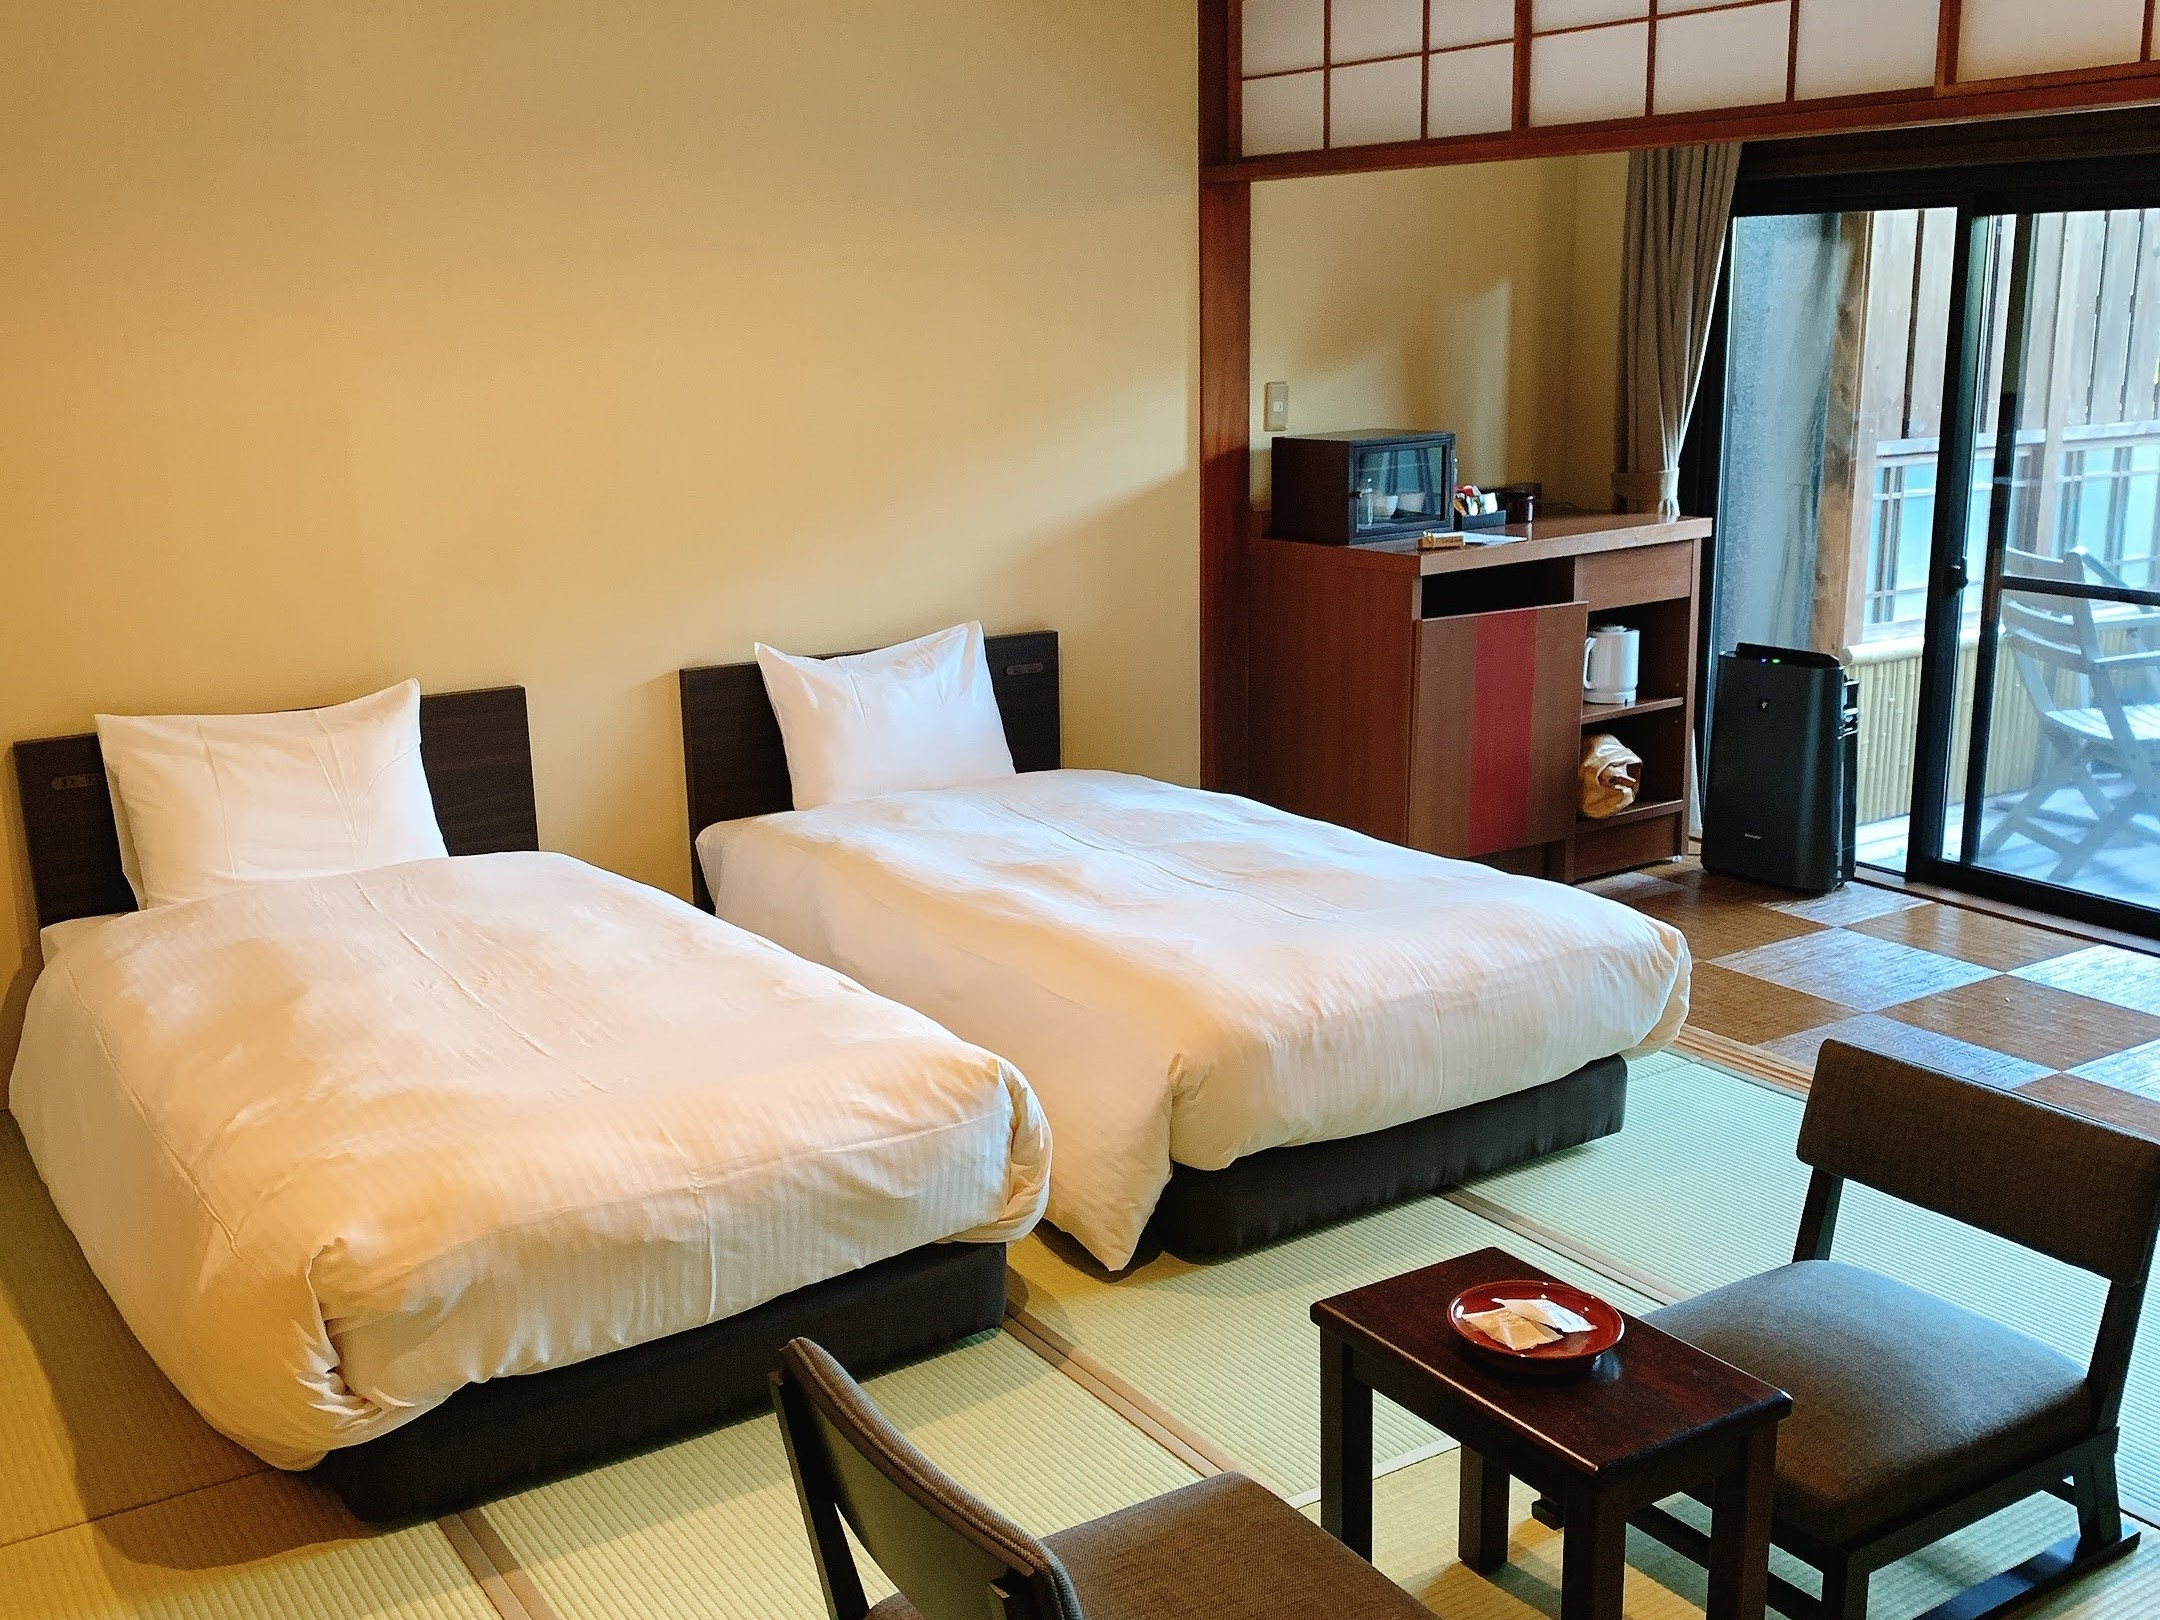 三河屋旅館 露天風呂付客室 ブログ